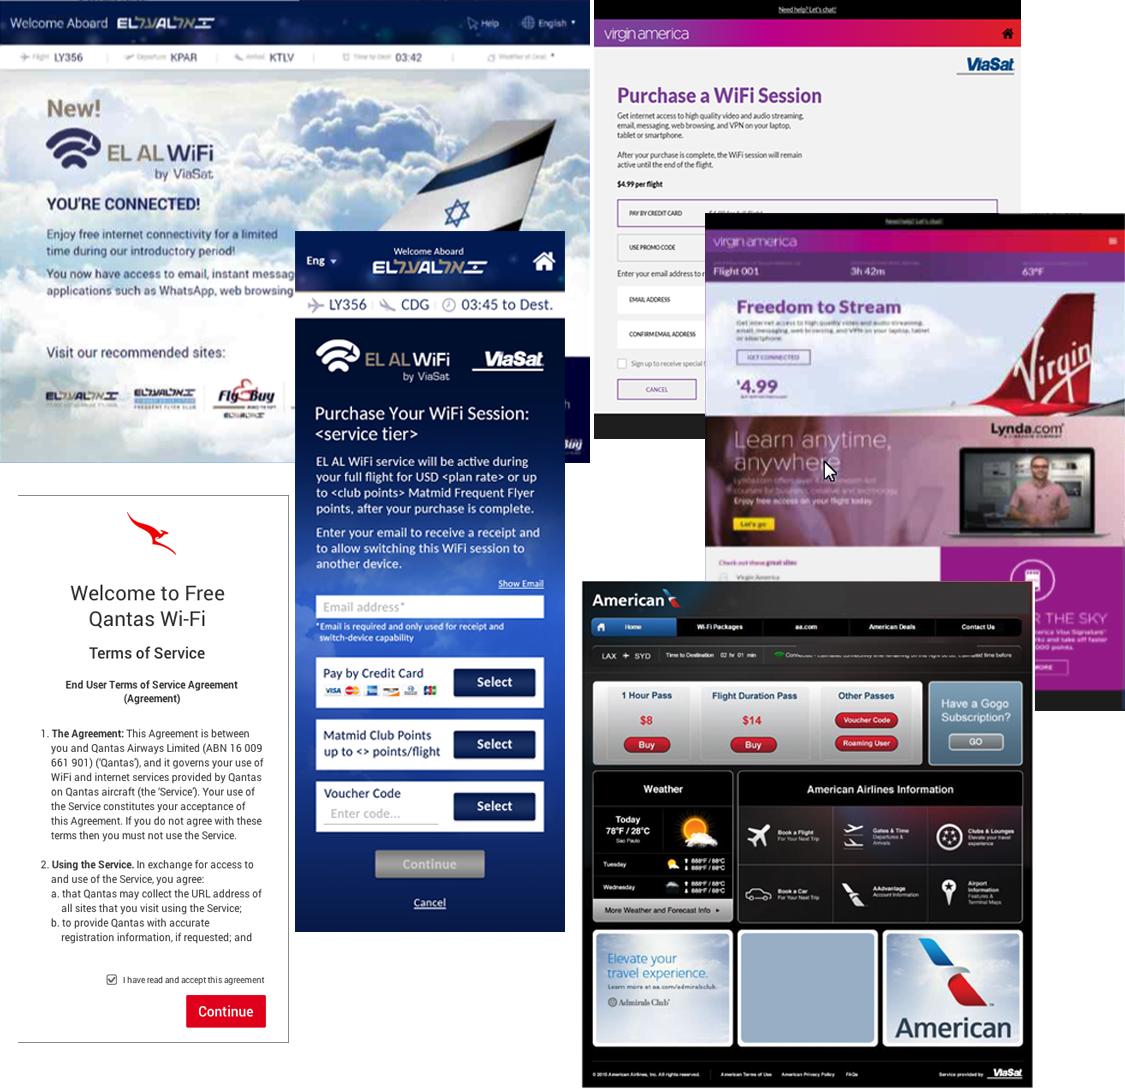 American-EL AL-Qantas-Virgin America